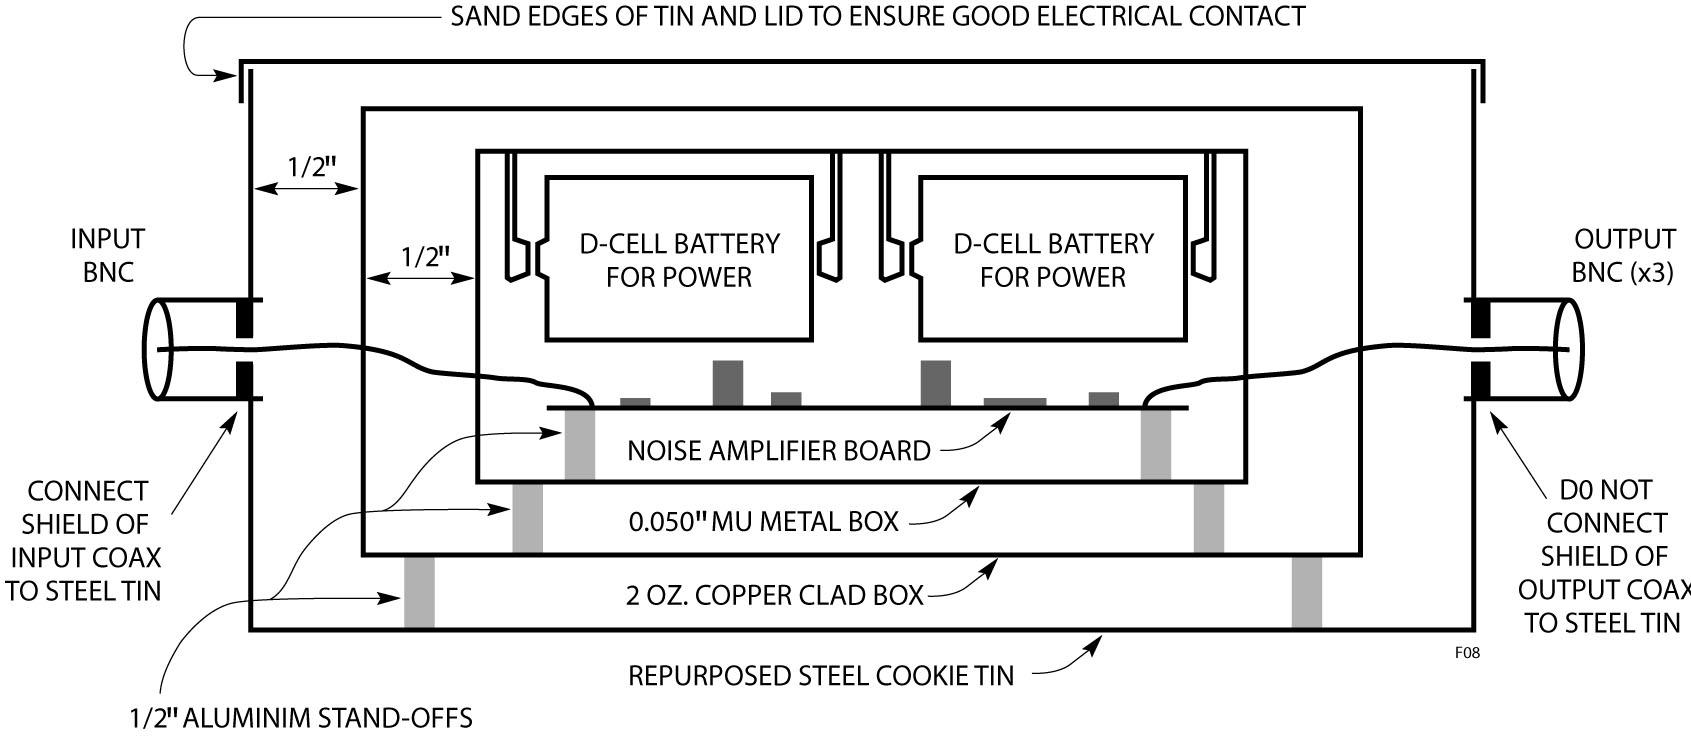 Figura 8. Dettagli costruttivi del contenitore schermato. Si noti che solo la schermatura del cavo coassiale d'ingresso è collegata al contenitore metallico per prevenire anelli di massa.